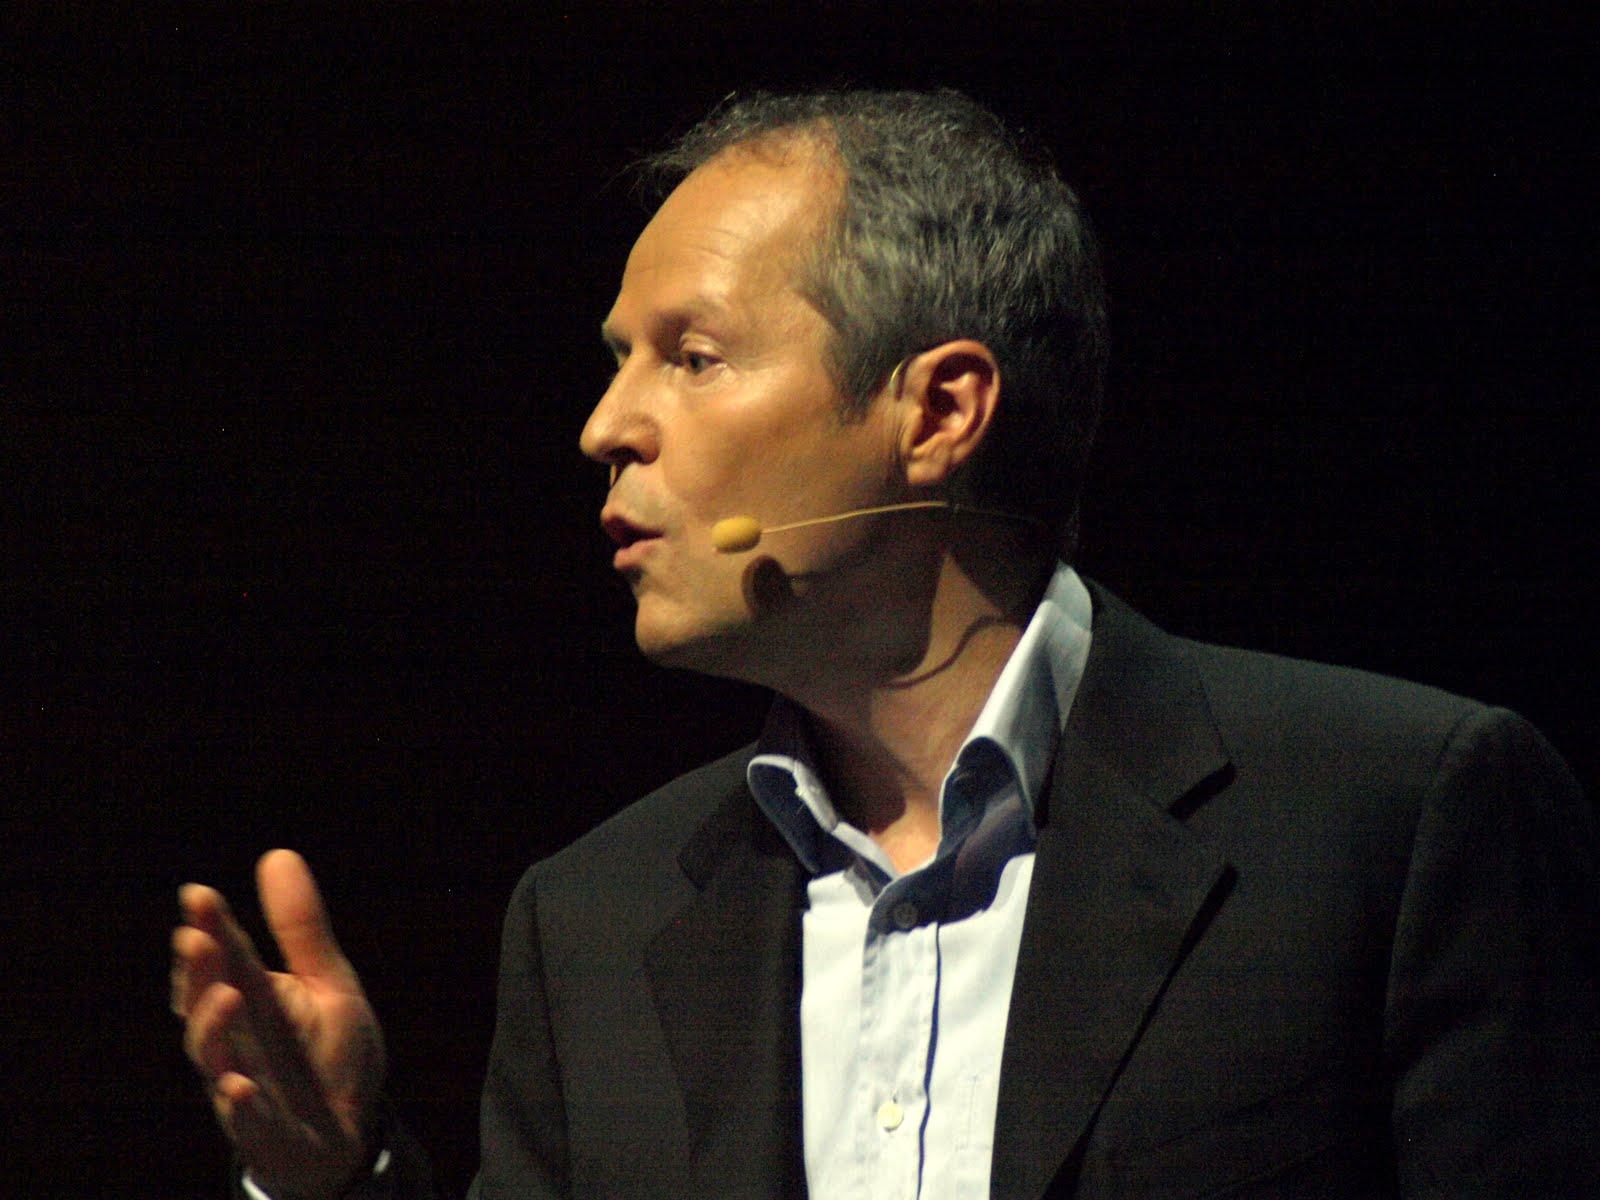 Vivendi n'est plus actionnaire d'Ubisoft